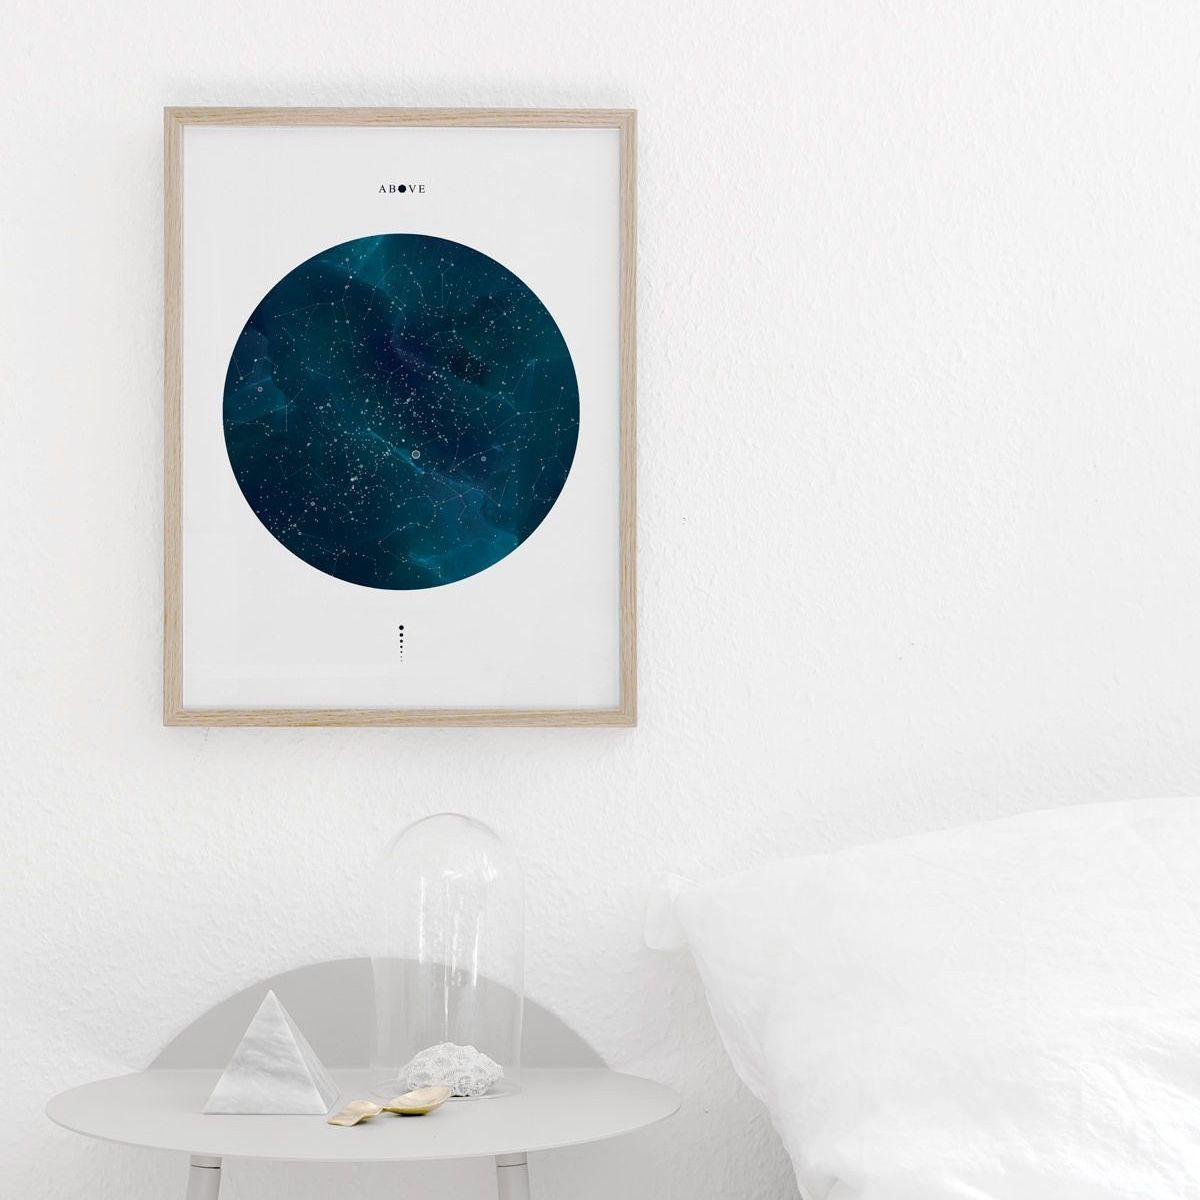 Above poster in oak frame above bedside table